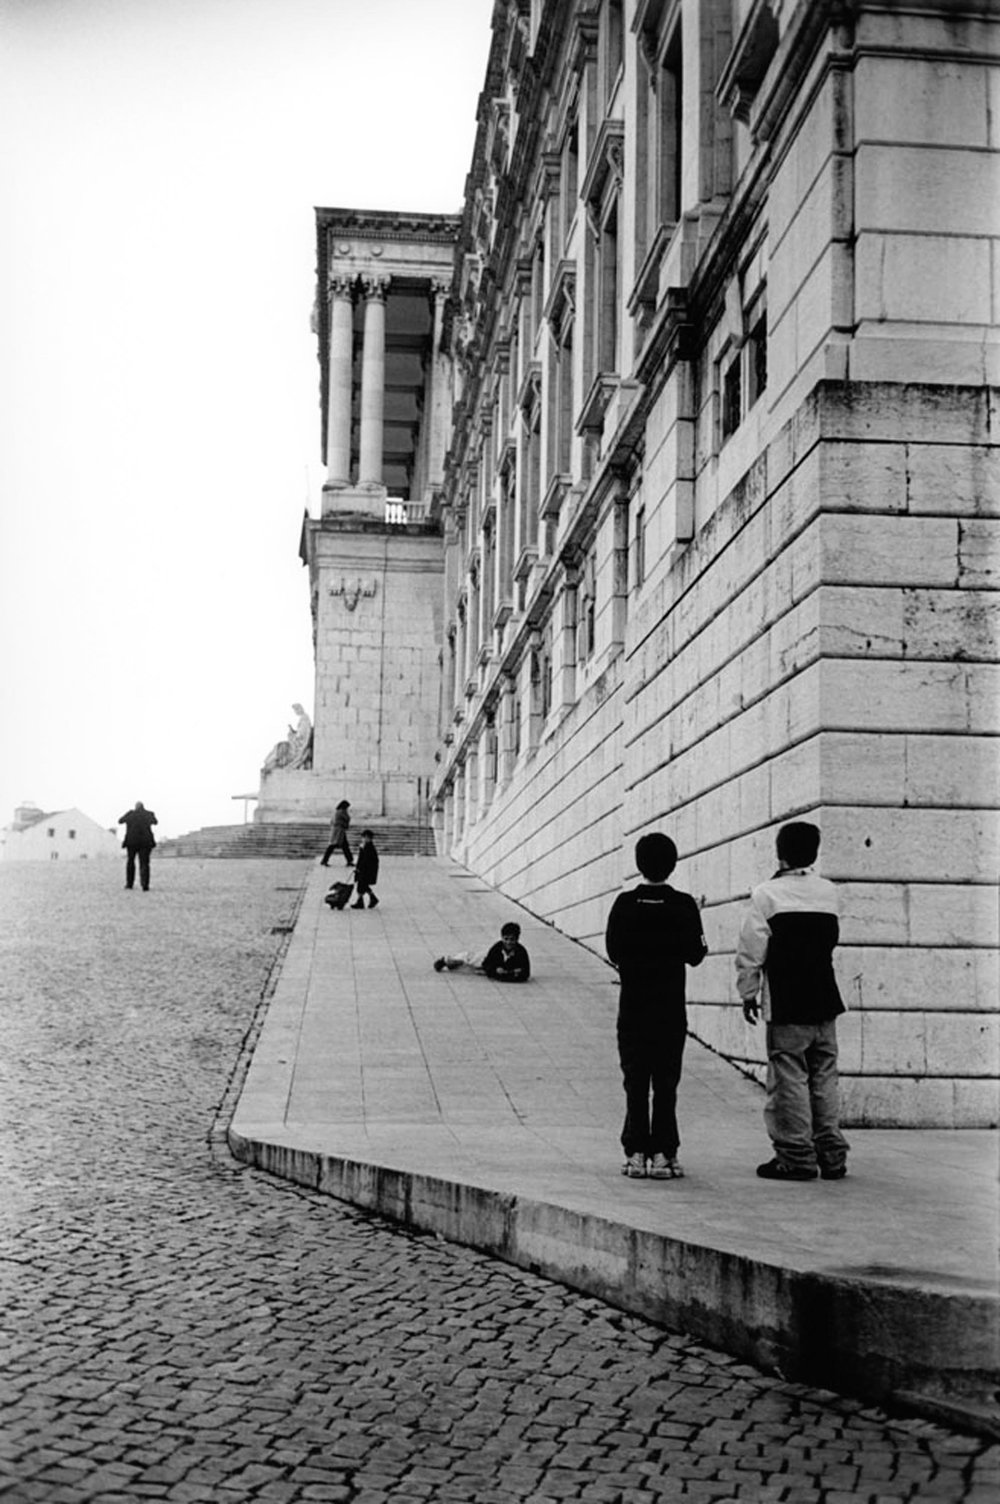 Le palais, Lisbonne 2002